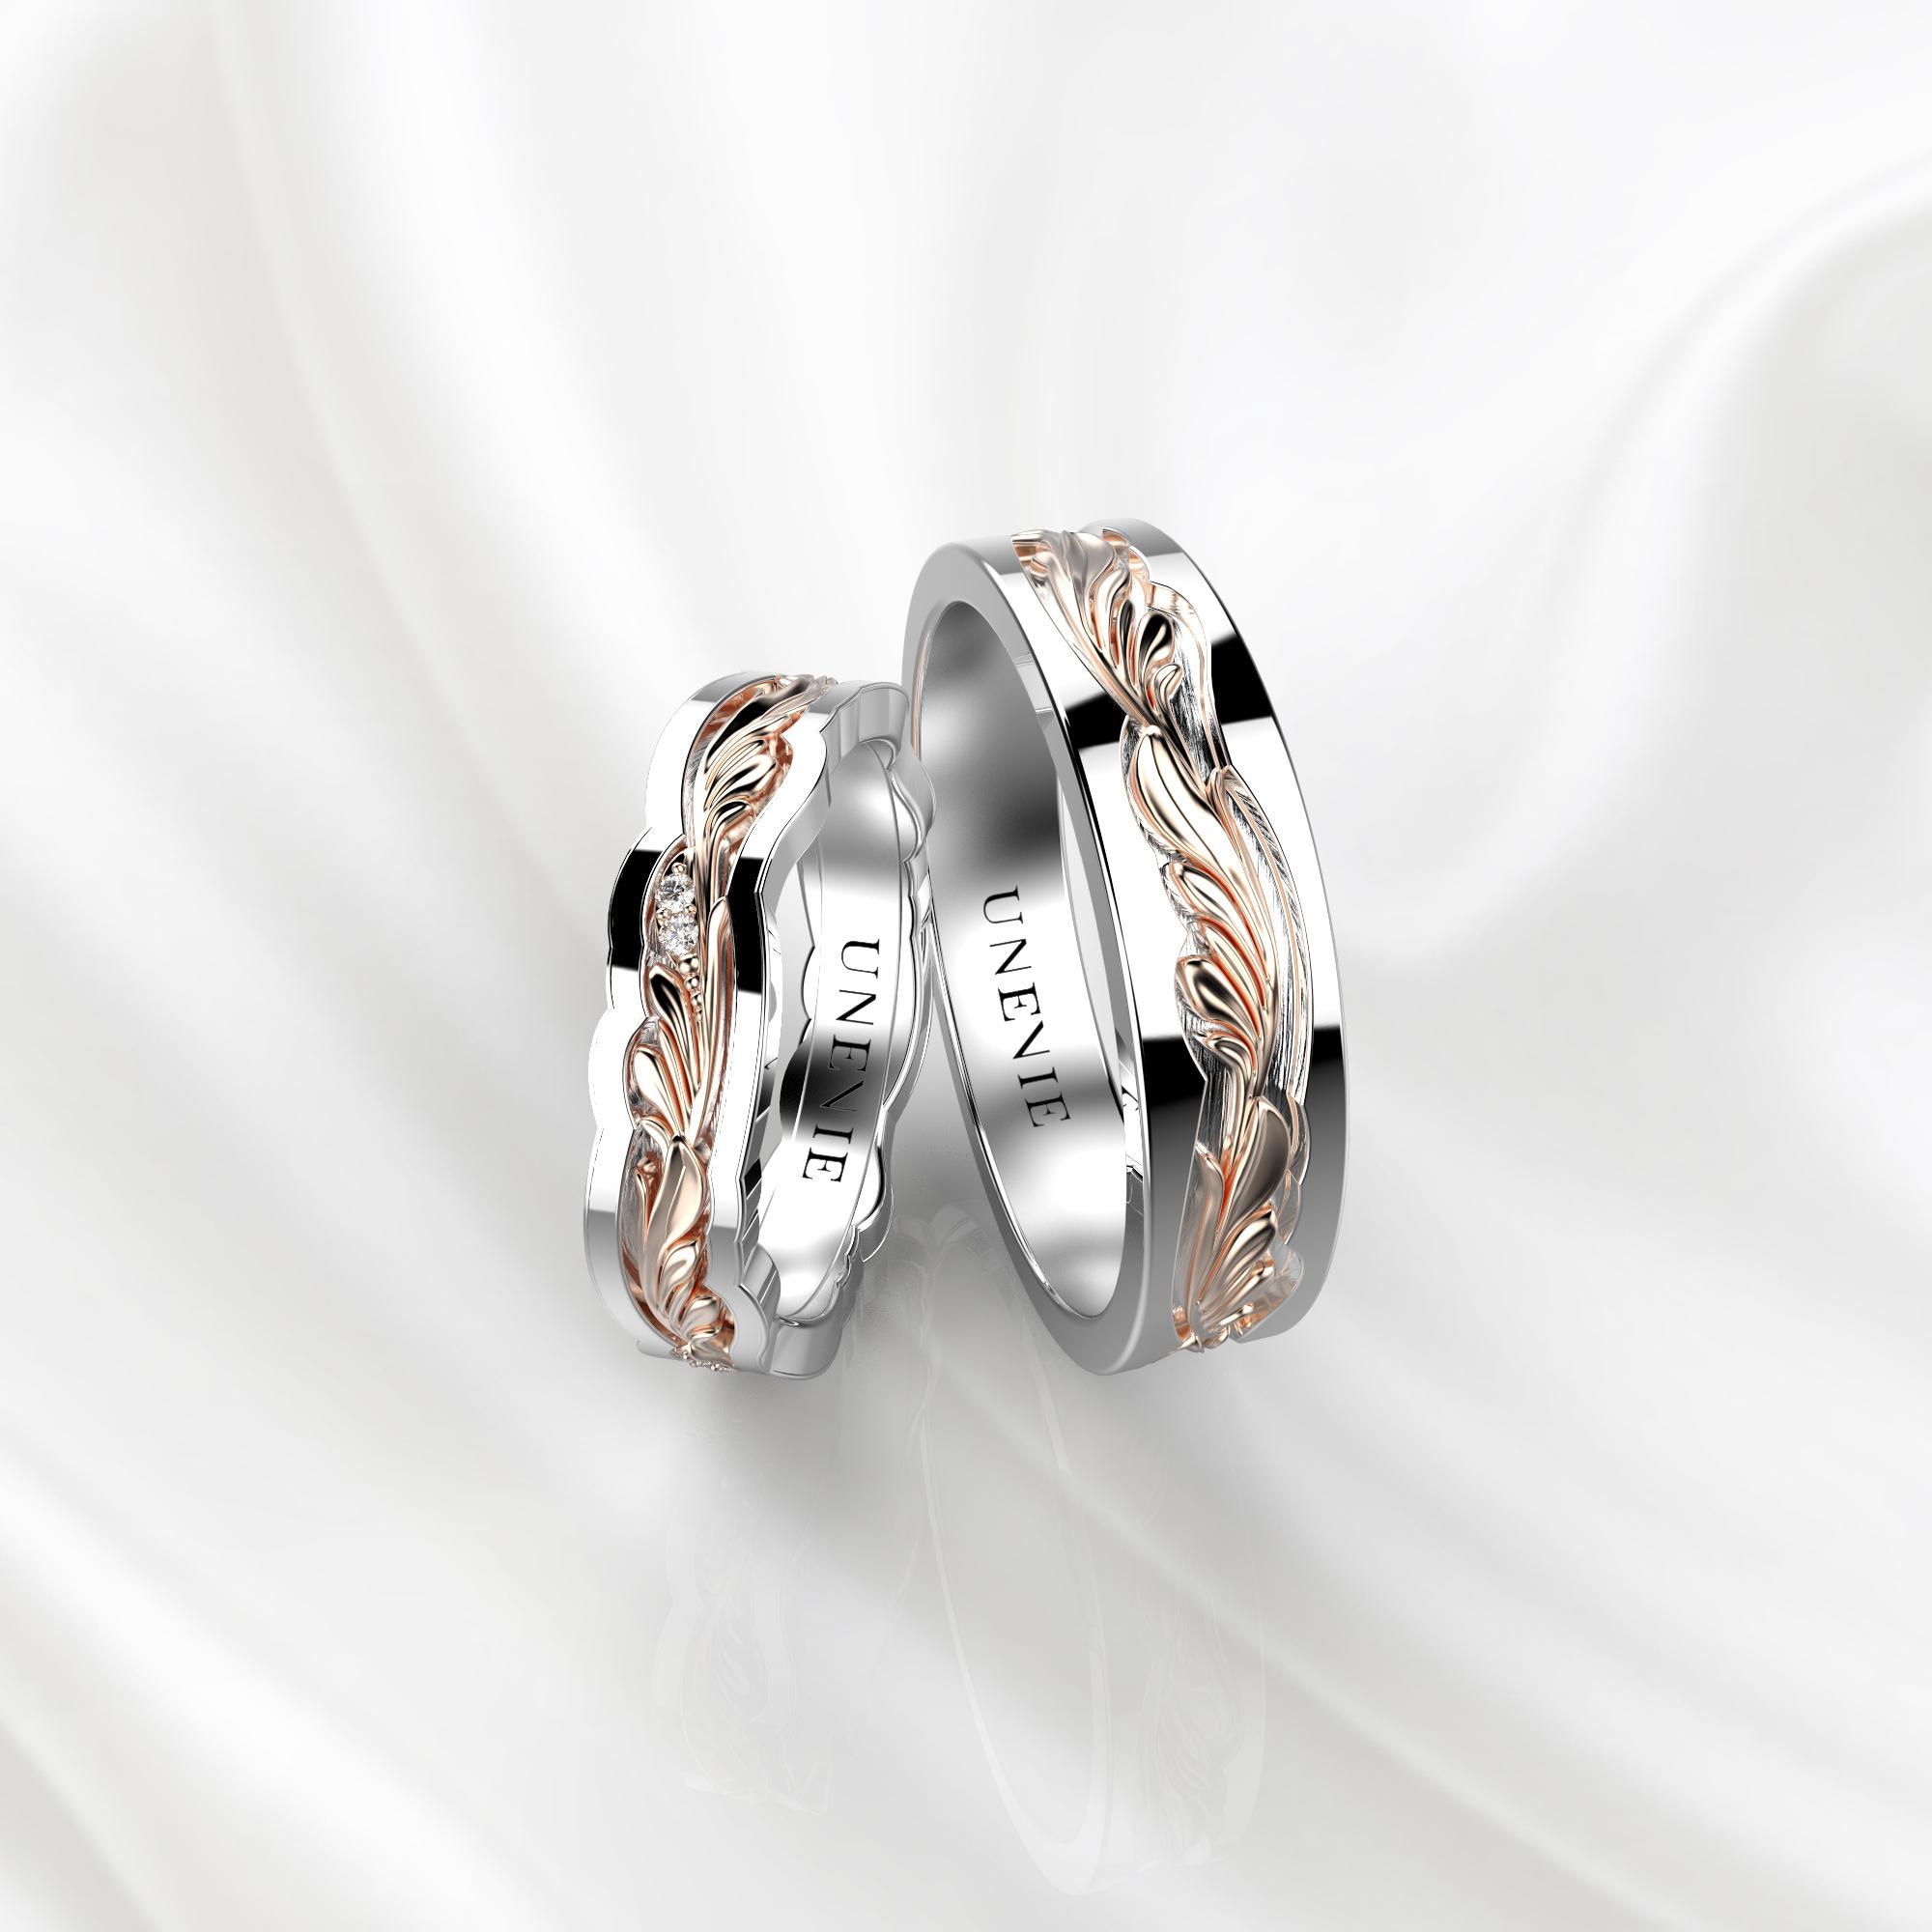 NV44 Парные обручальные кольца из бело-розового золота с бриллиантами